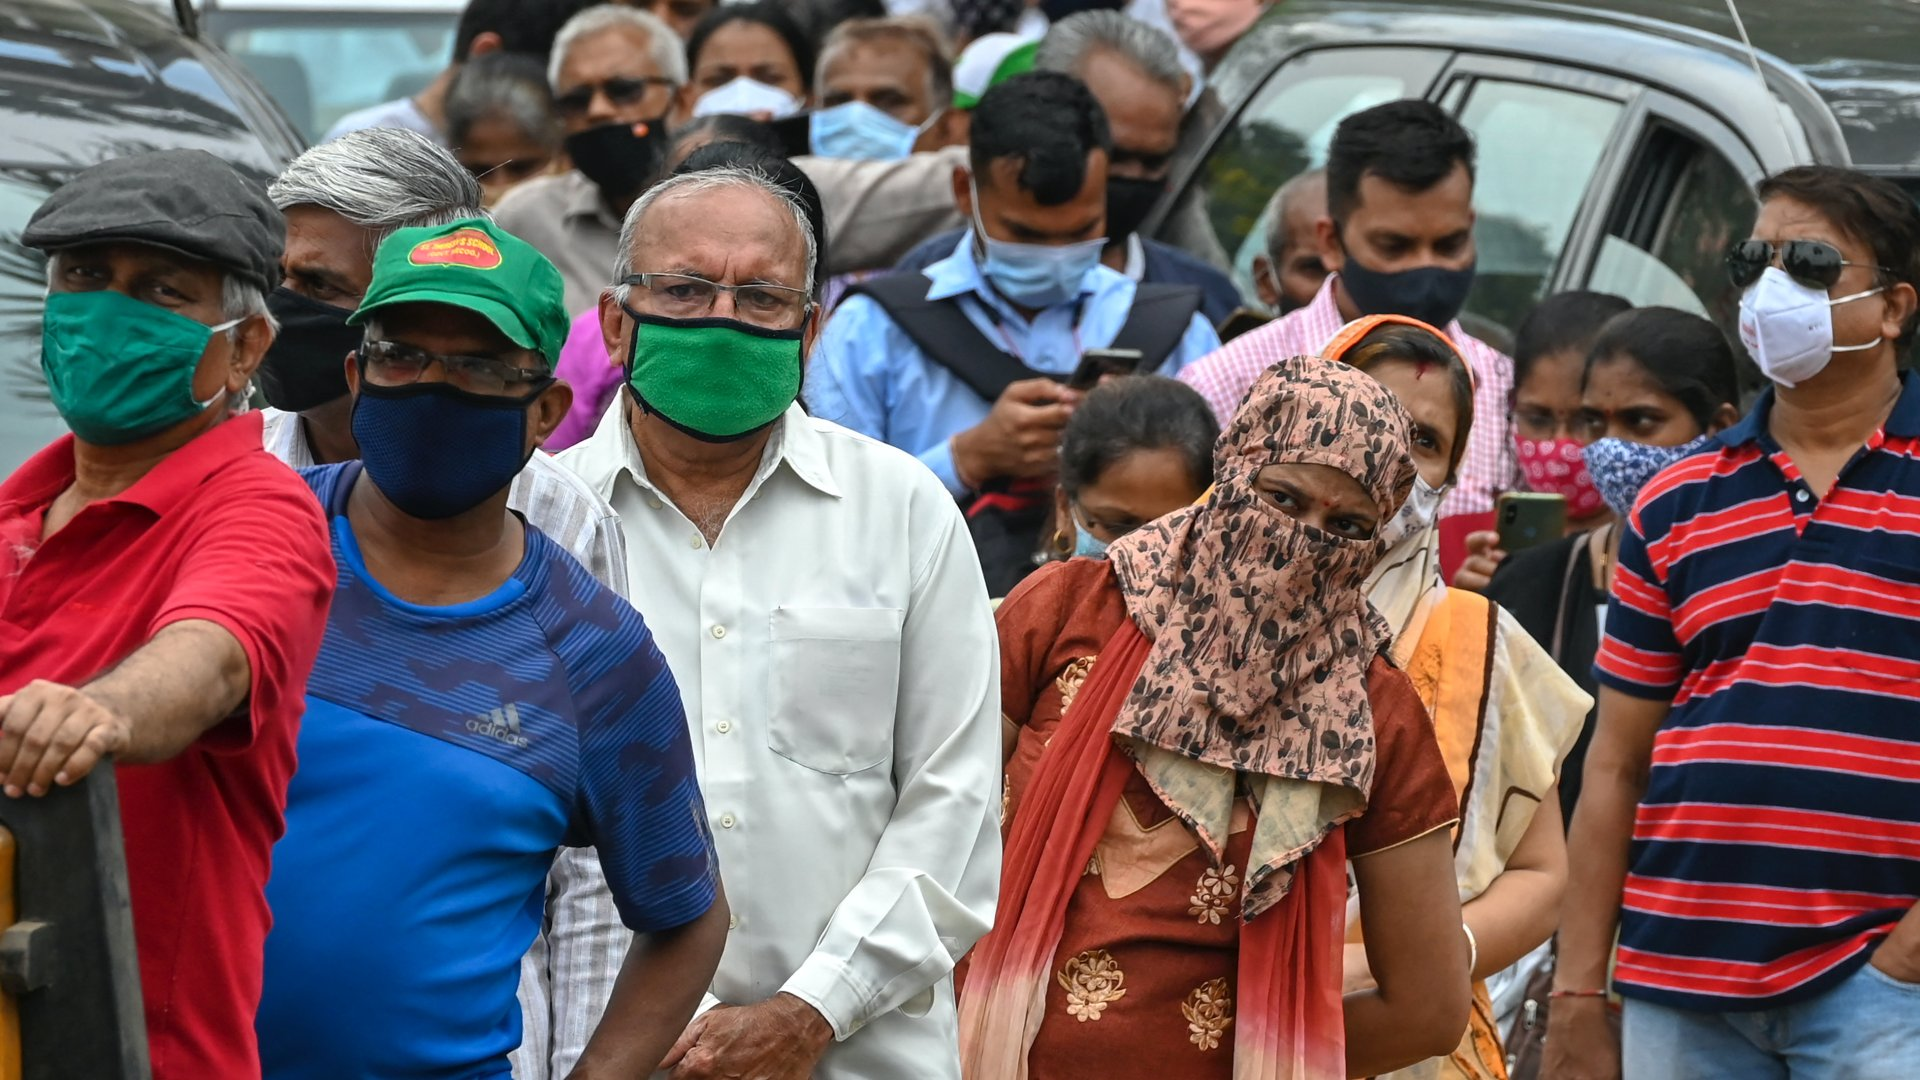 Koronavírus-vakcinára várók Indiában